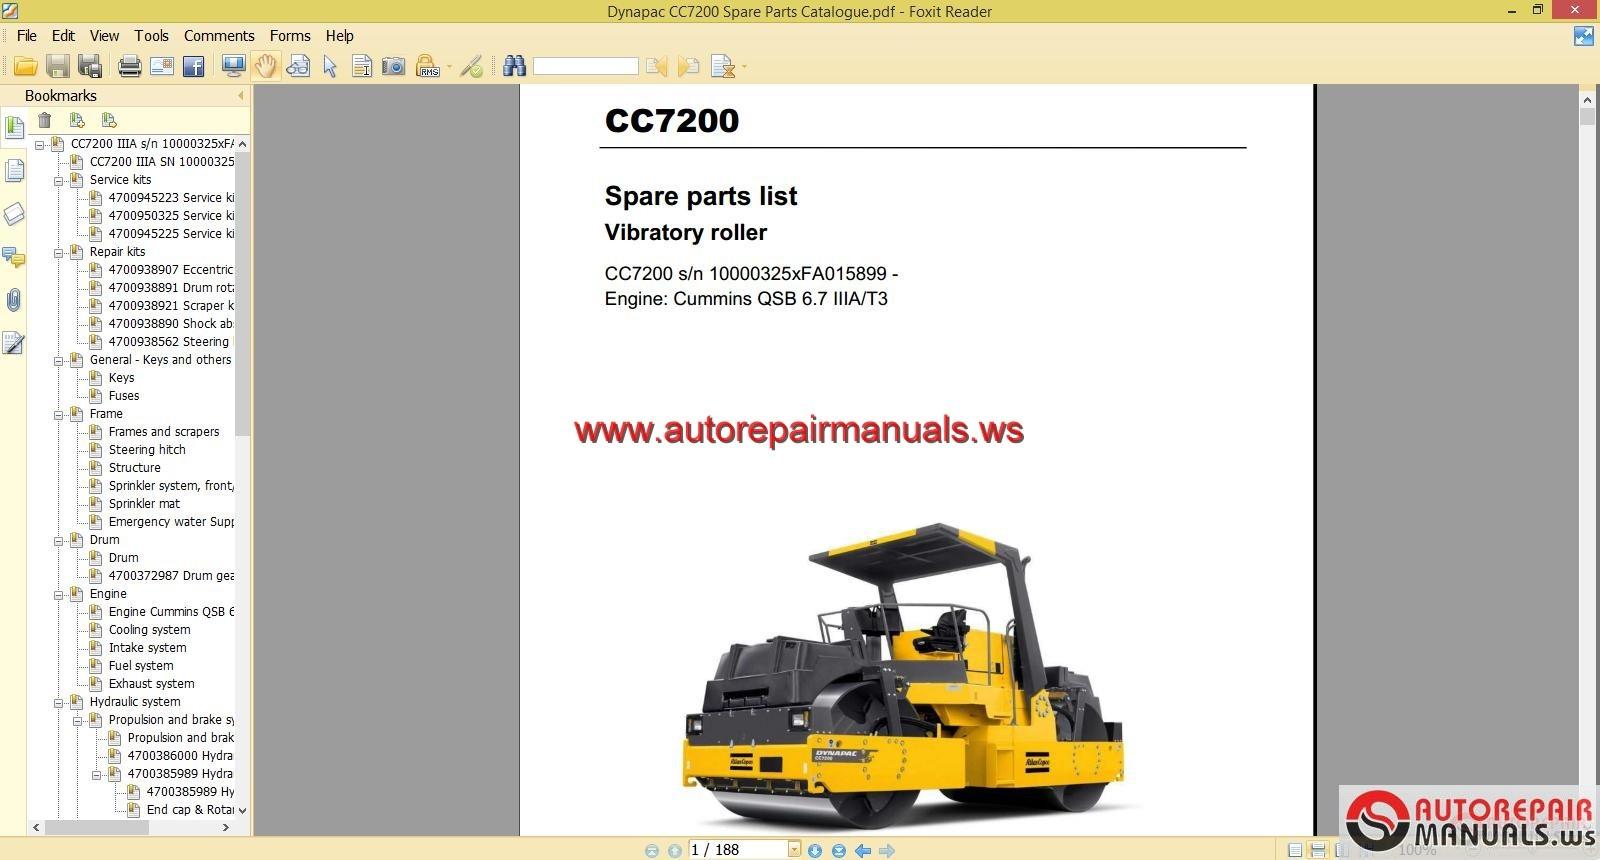 Keygen Autorepairmanualsws  Dynapac CC7200 Spare Parts Catalogue